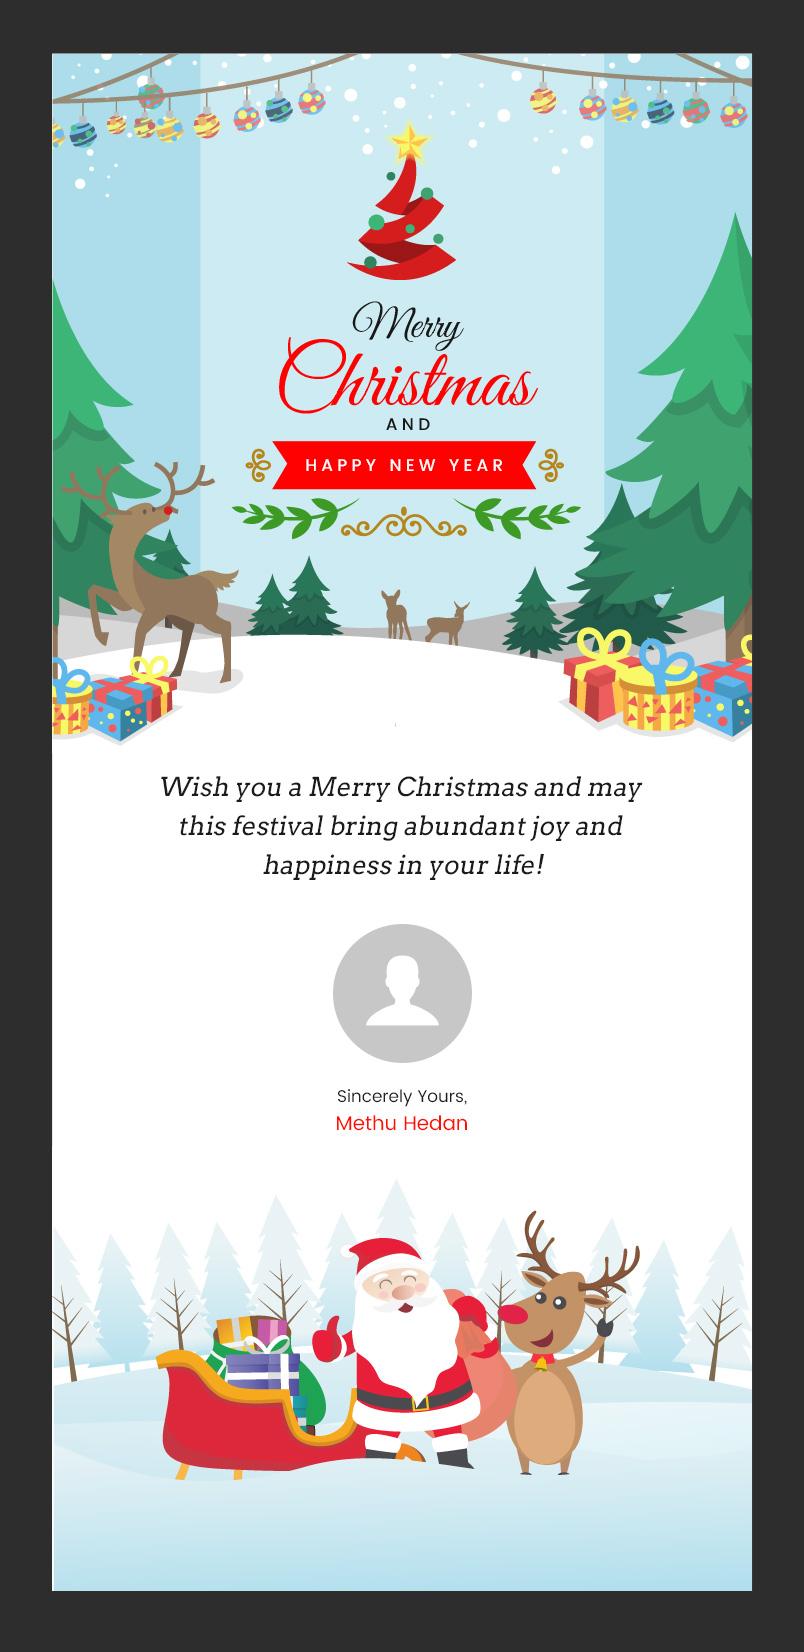 06_wishing merry christmas and new yearjpg